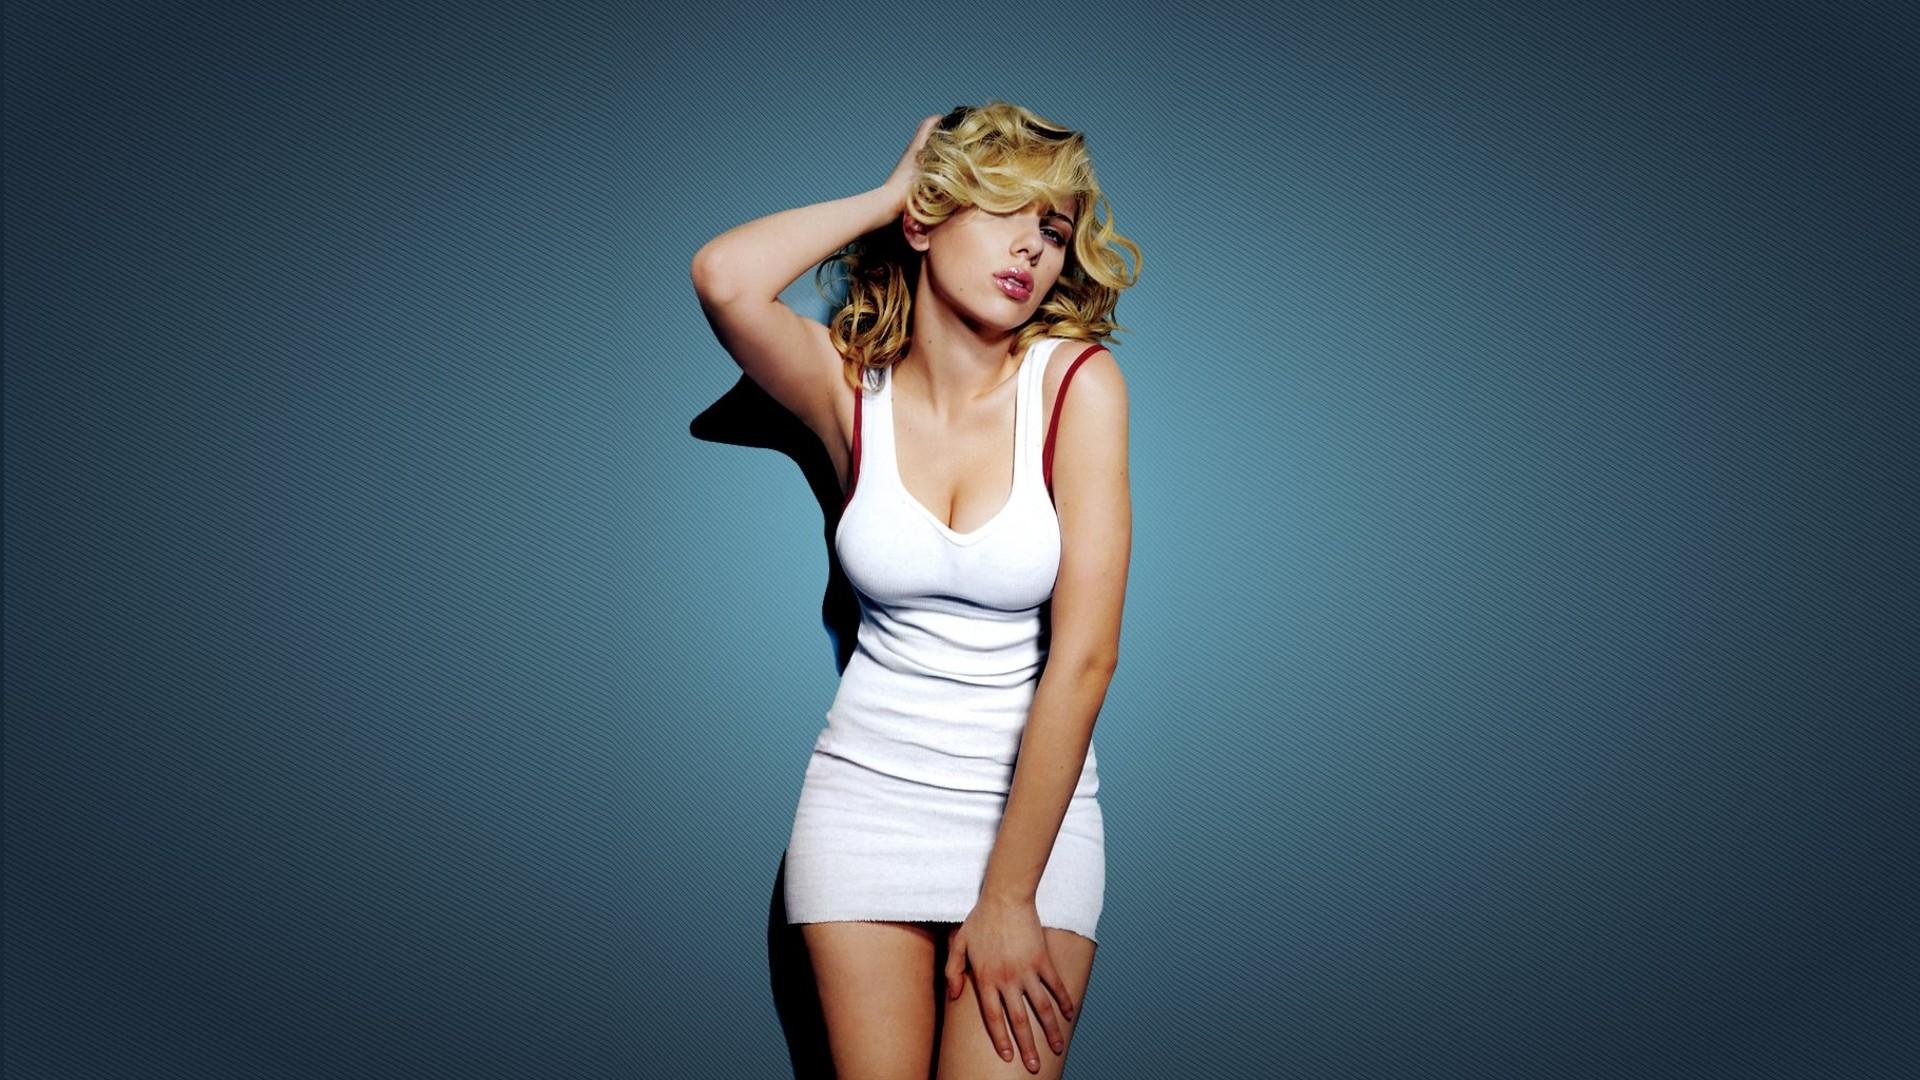 Scarlett Johansson Nude - SK Viral